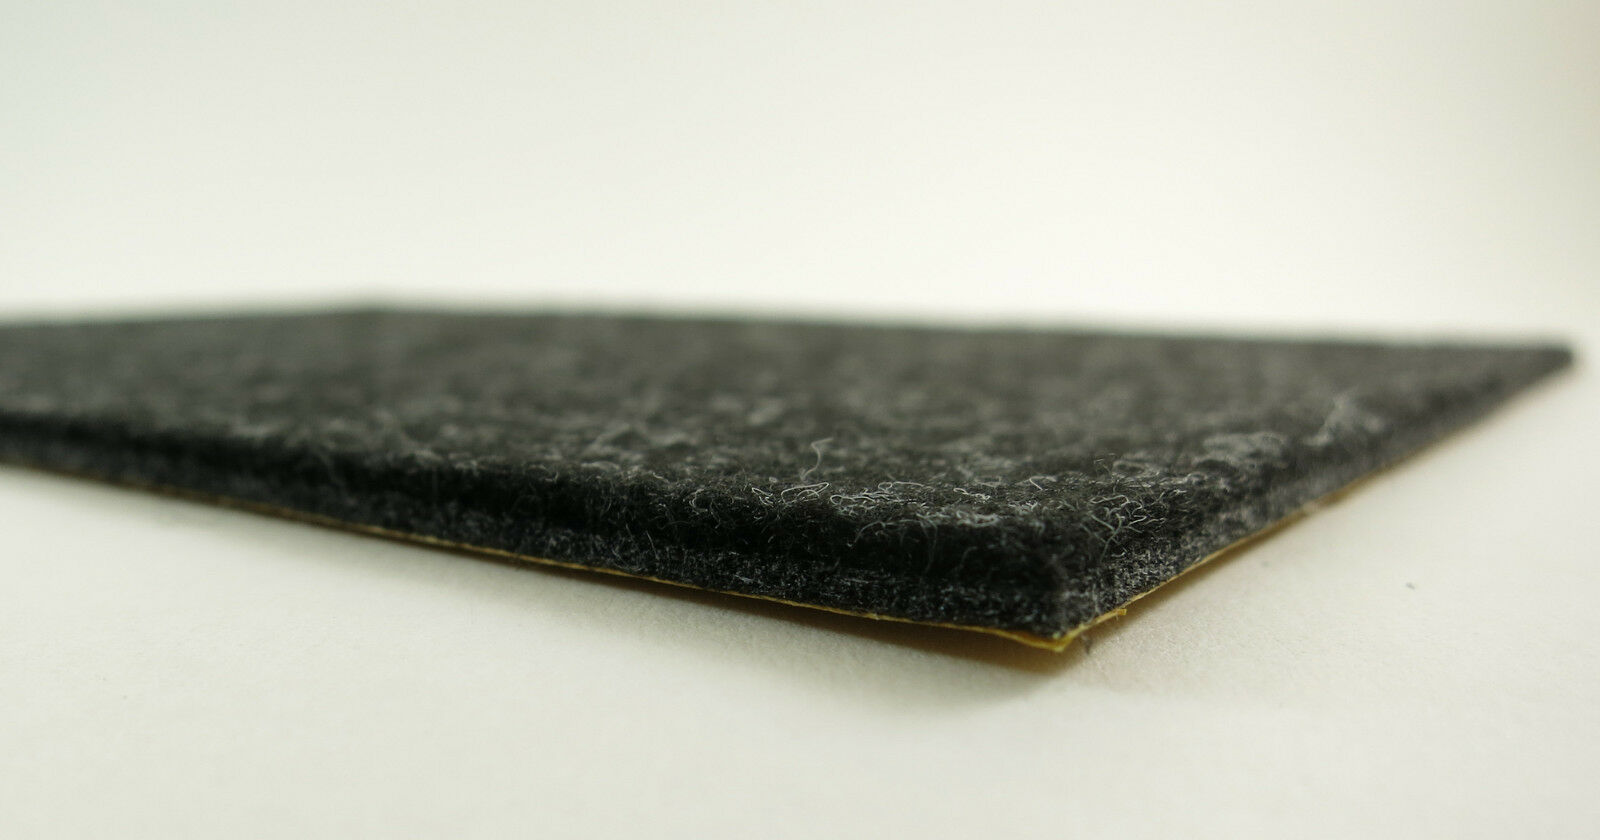 professionnel feutre Haut-Parleur, feutre acoustique, audiofilz 2mm/3mm, | | | Les Consommateurs D'abord  | Matériaux Soigneusement Sélectionnés  | Réputation D'abord  61e690